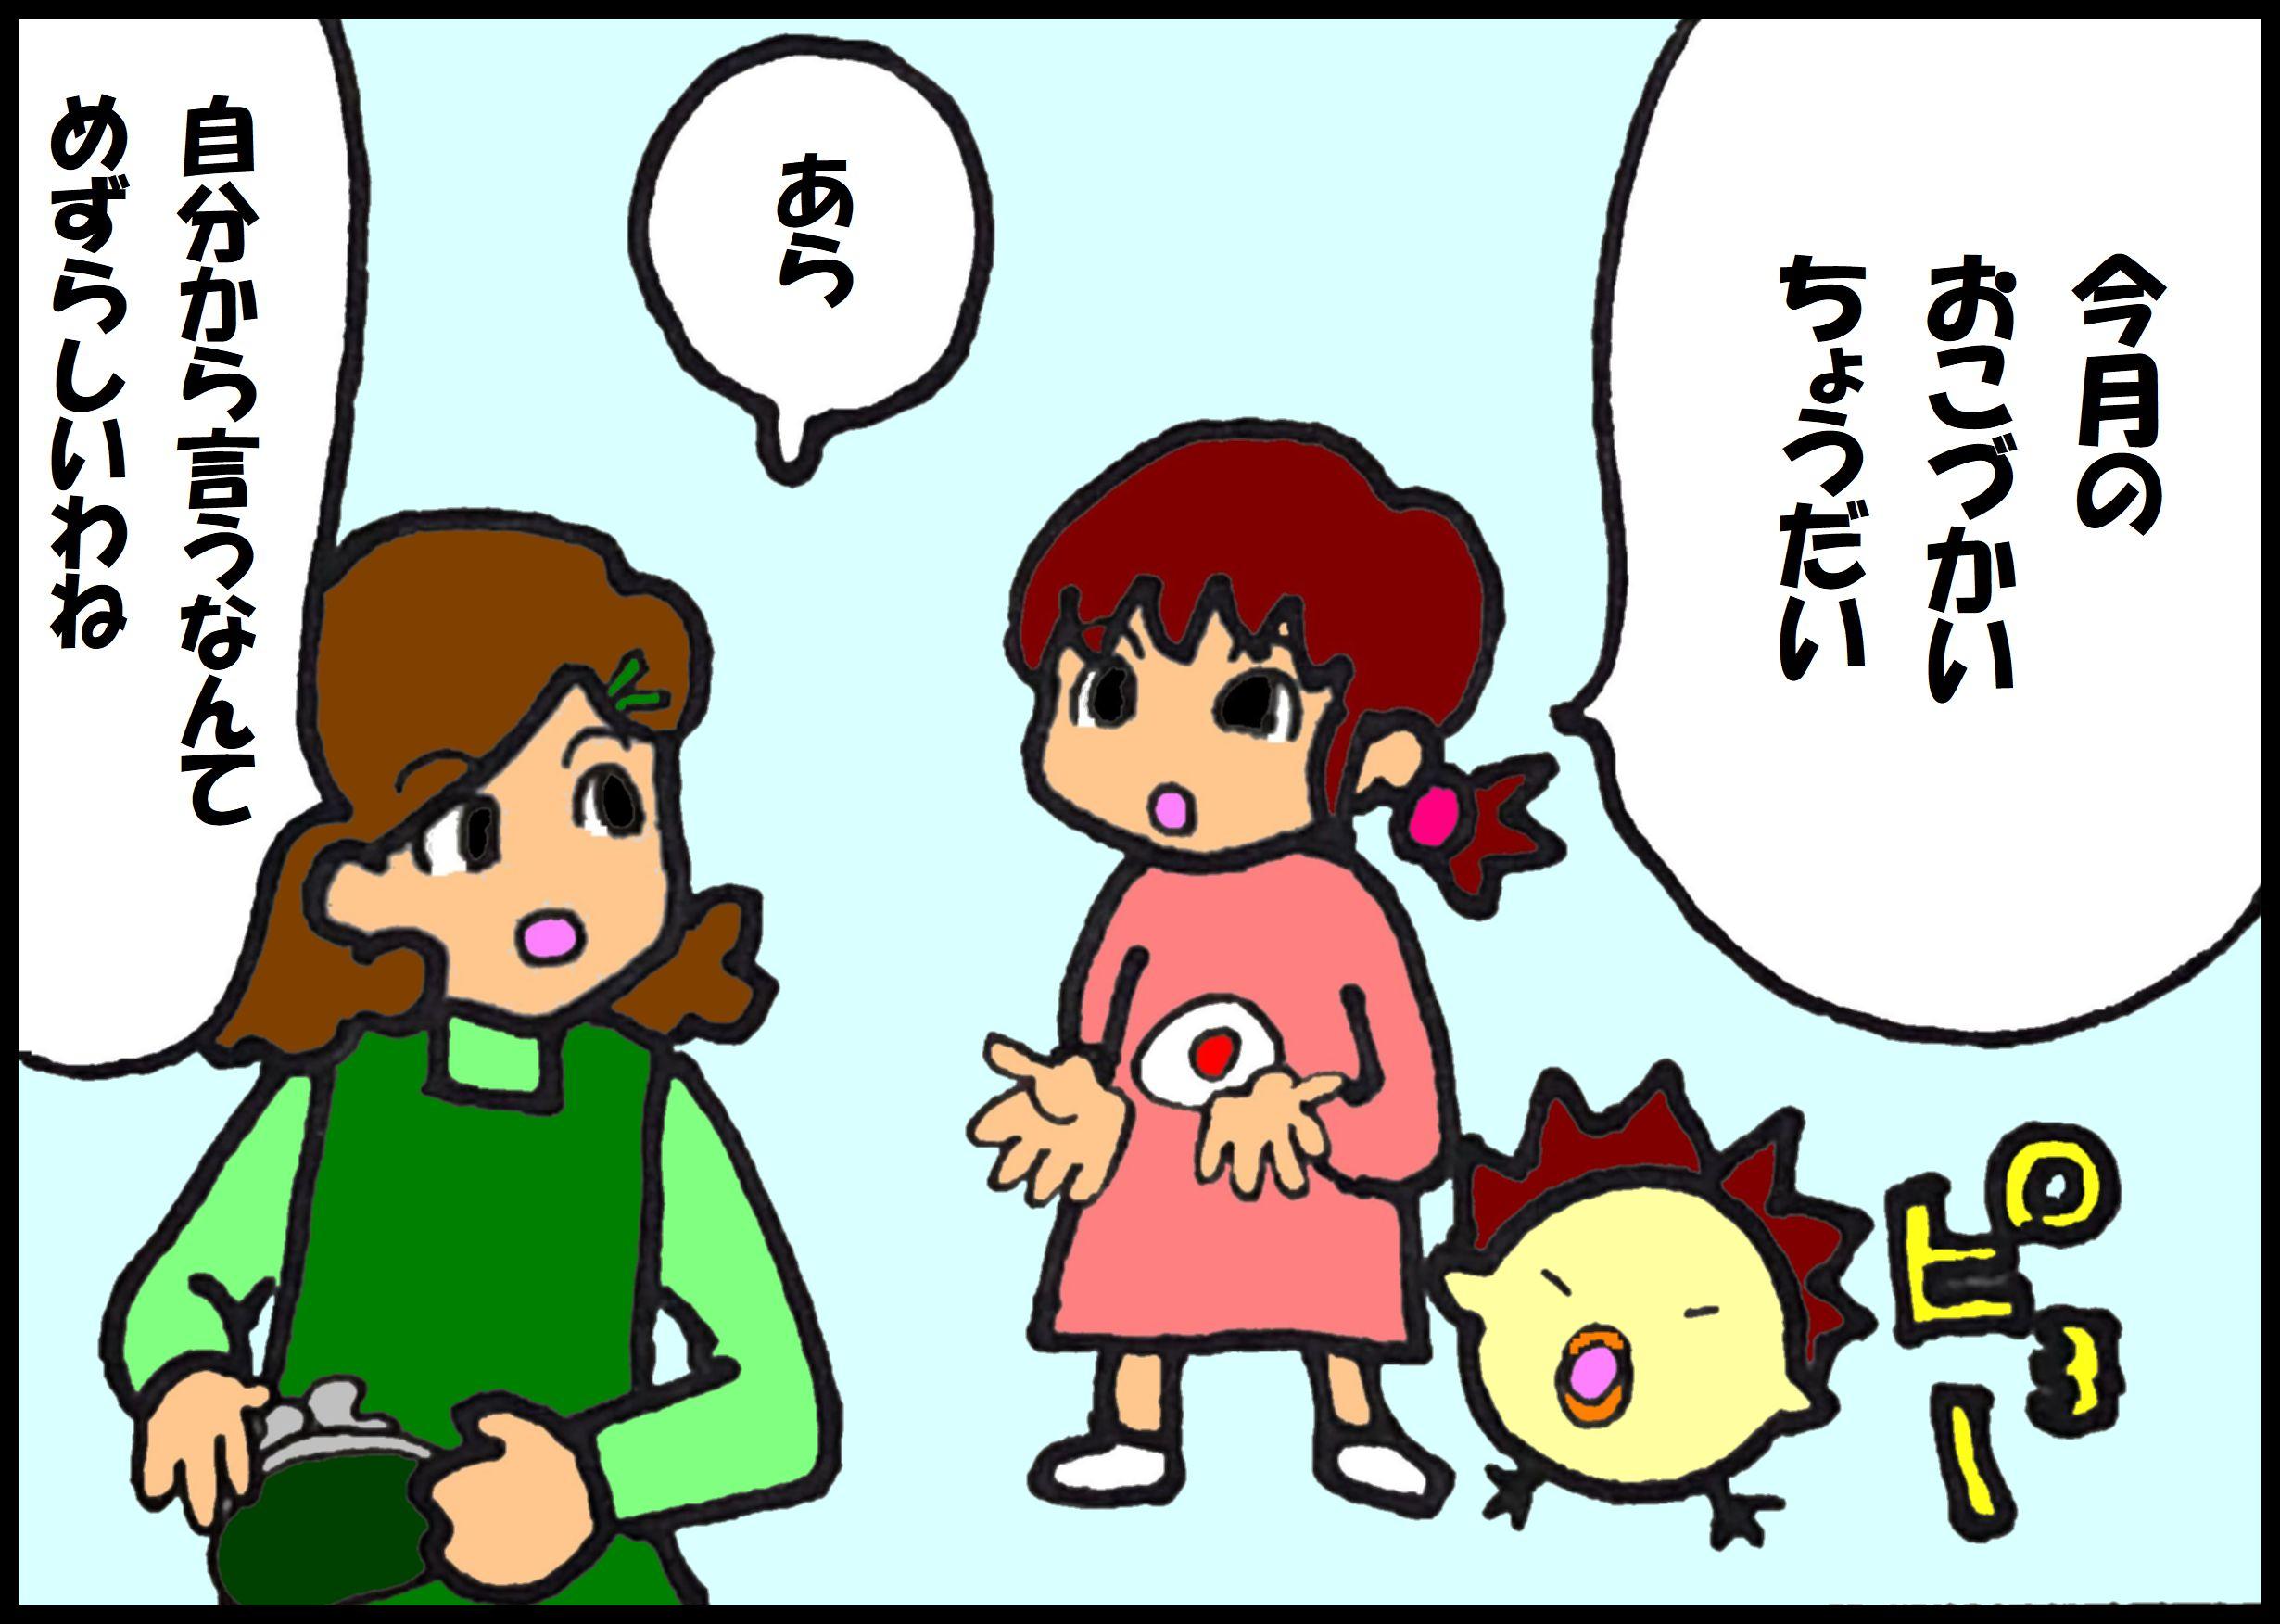 『夕やけちょこ』その16「ちょきん」(2)